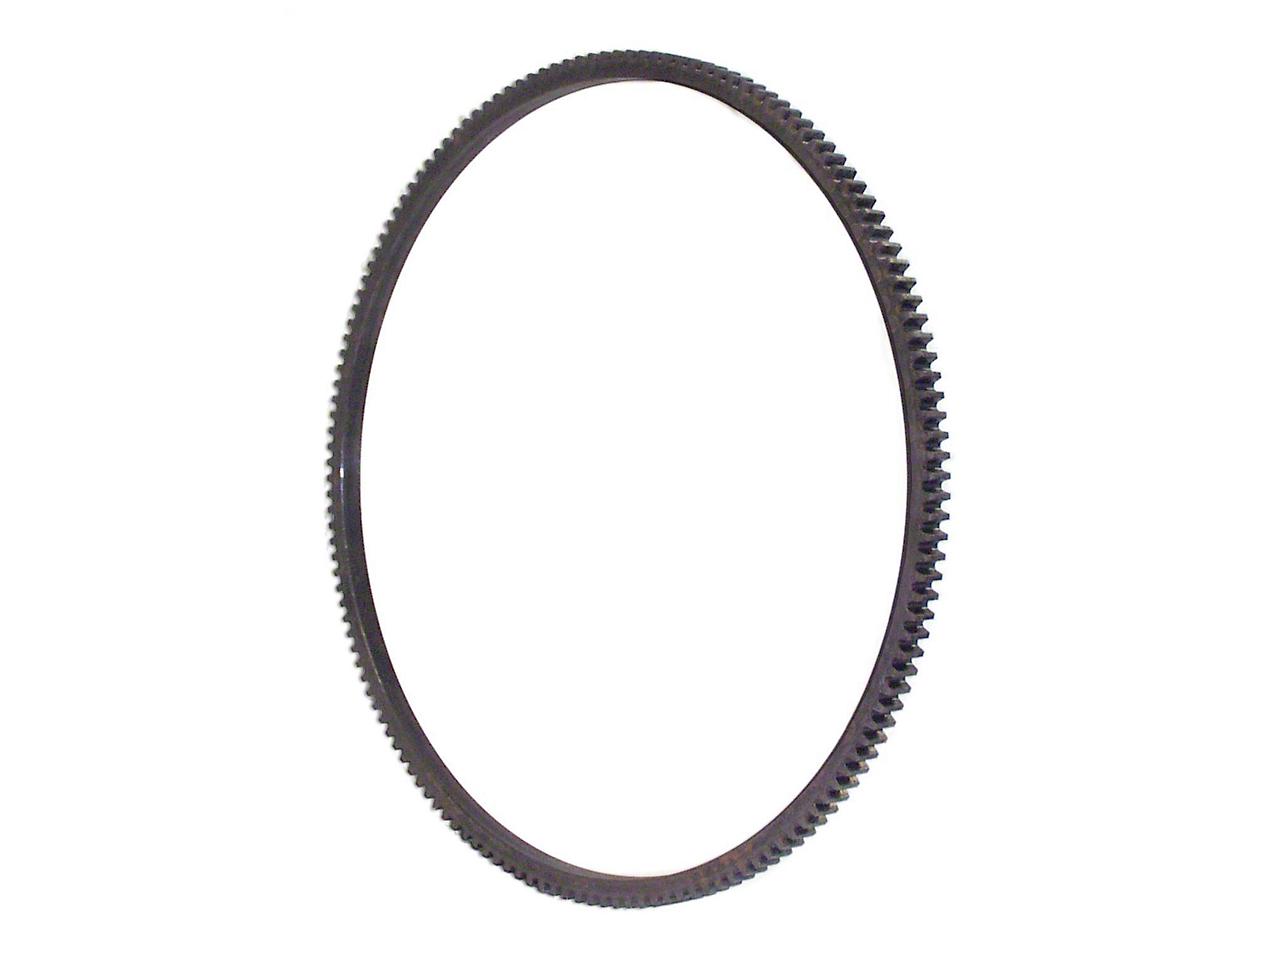 Flywheel Ring Gear (87-02 2.5L Jeep Wrangler YJ & TJ)